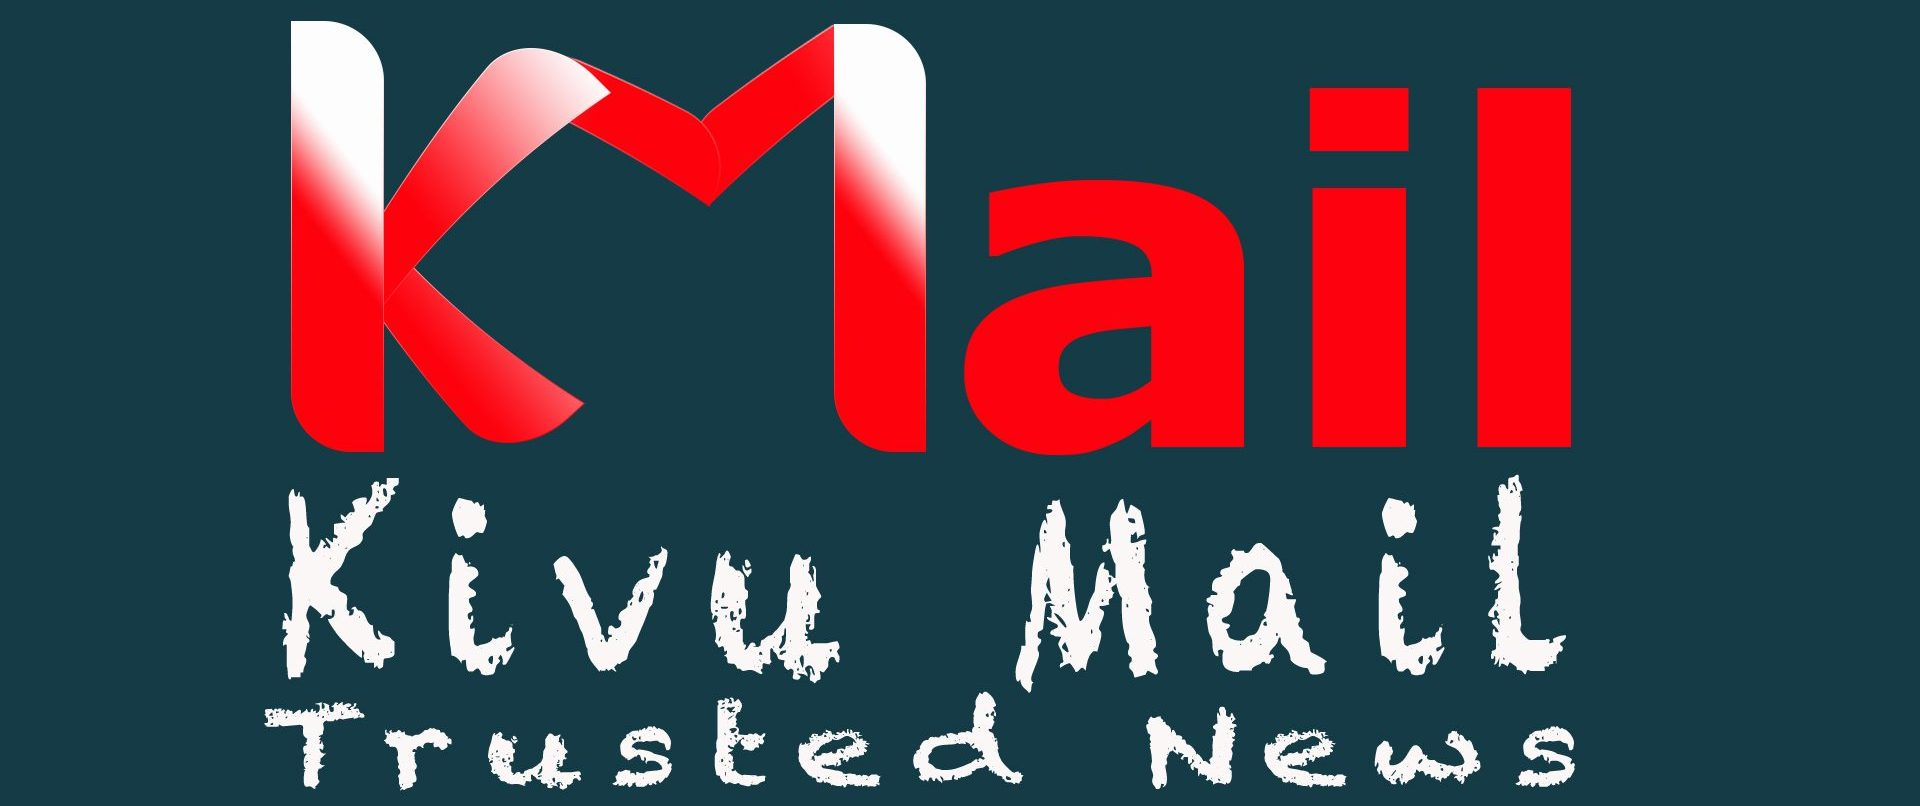 Kivu Mail